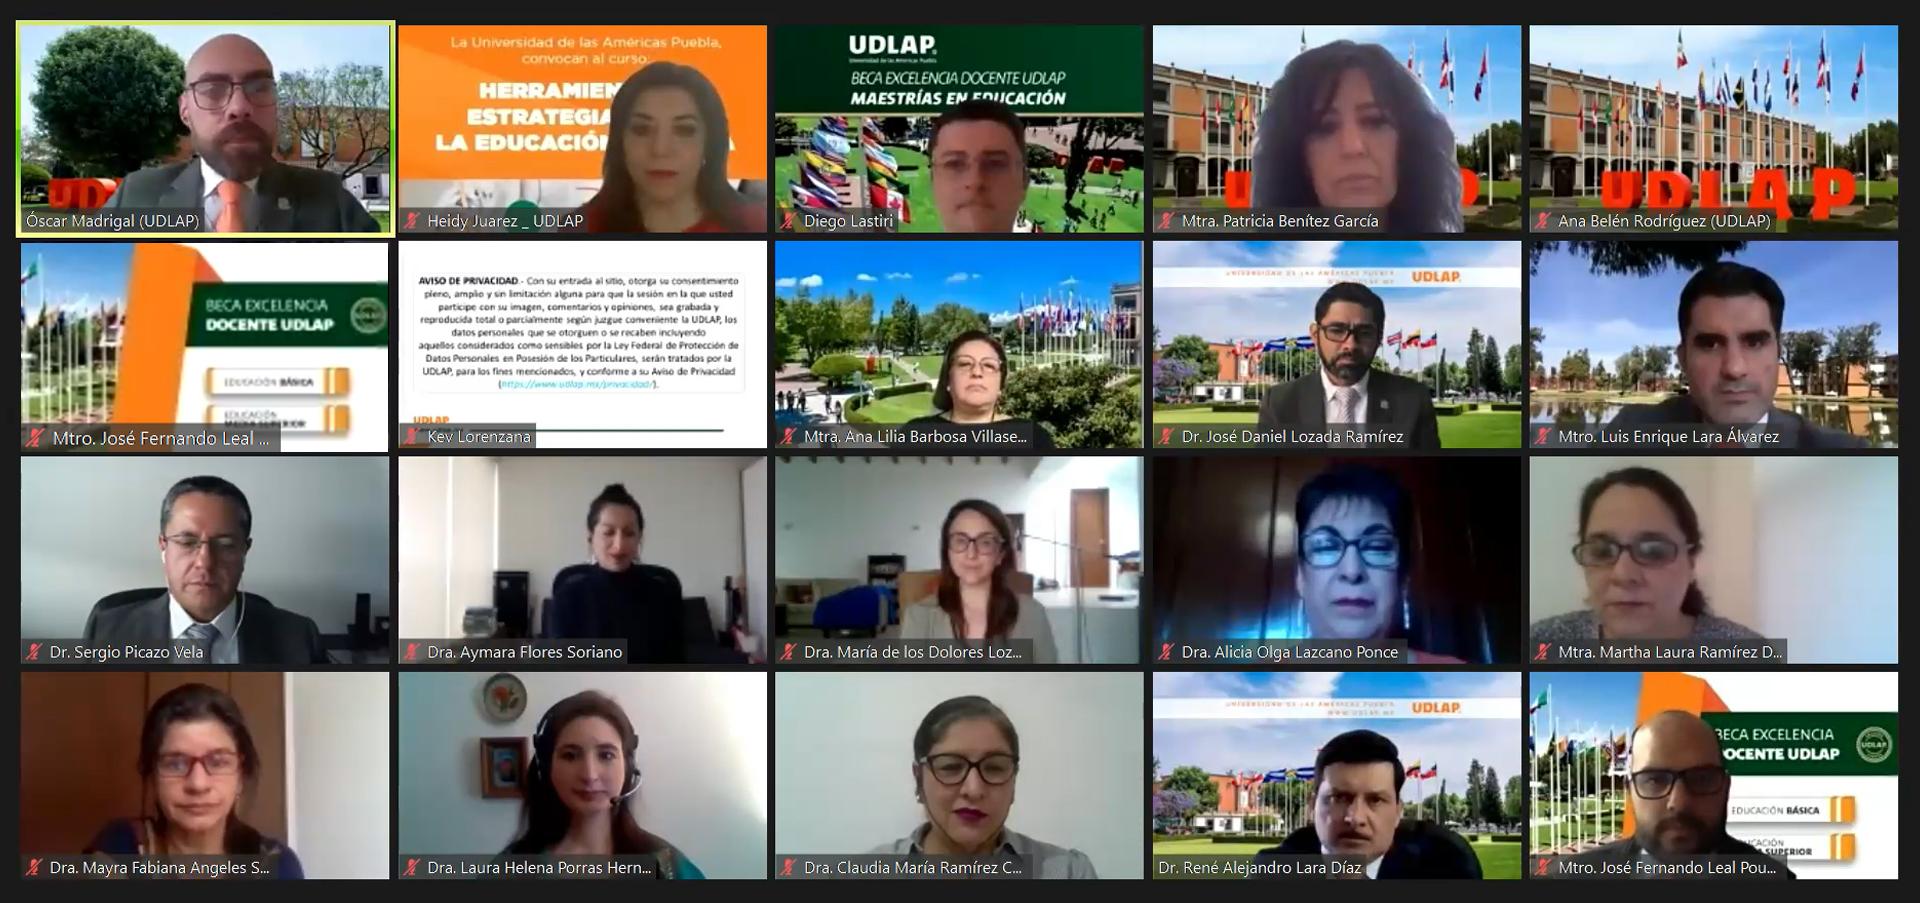 Ofrece UDLAP curso Herramientas y estrategias para la educación en línea